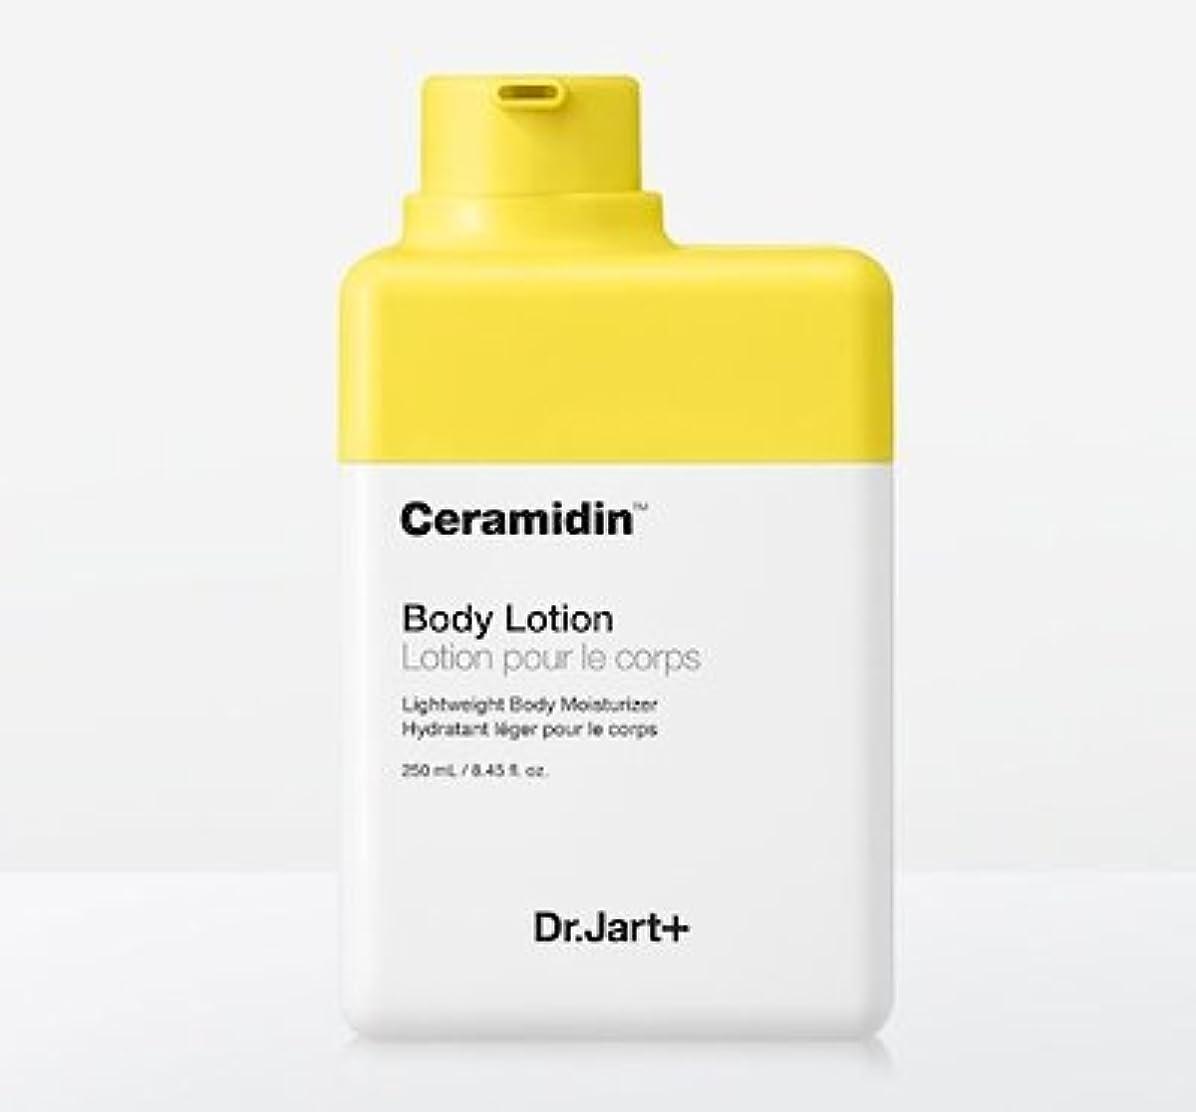 ドクタージャルトセラマイディンボディローション Dr.Jart Ceramidin Body Lotion 250ml [並行輸入品]